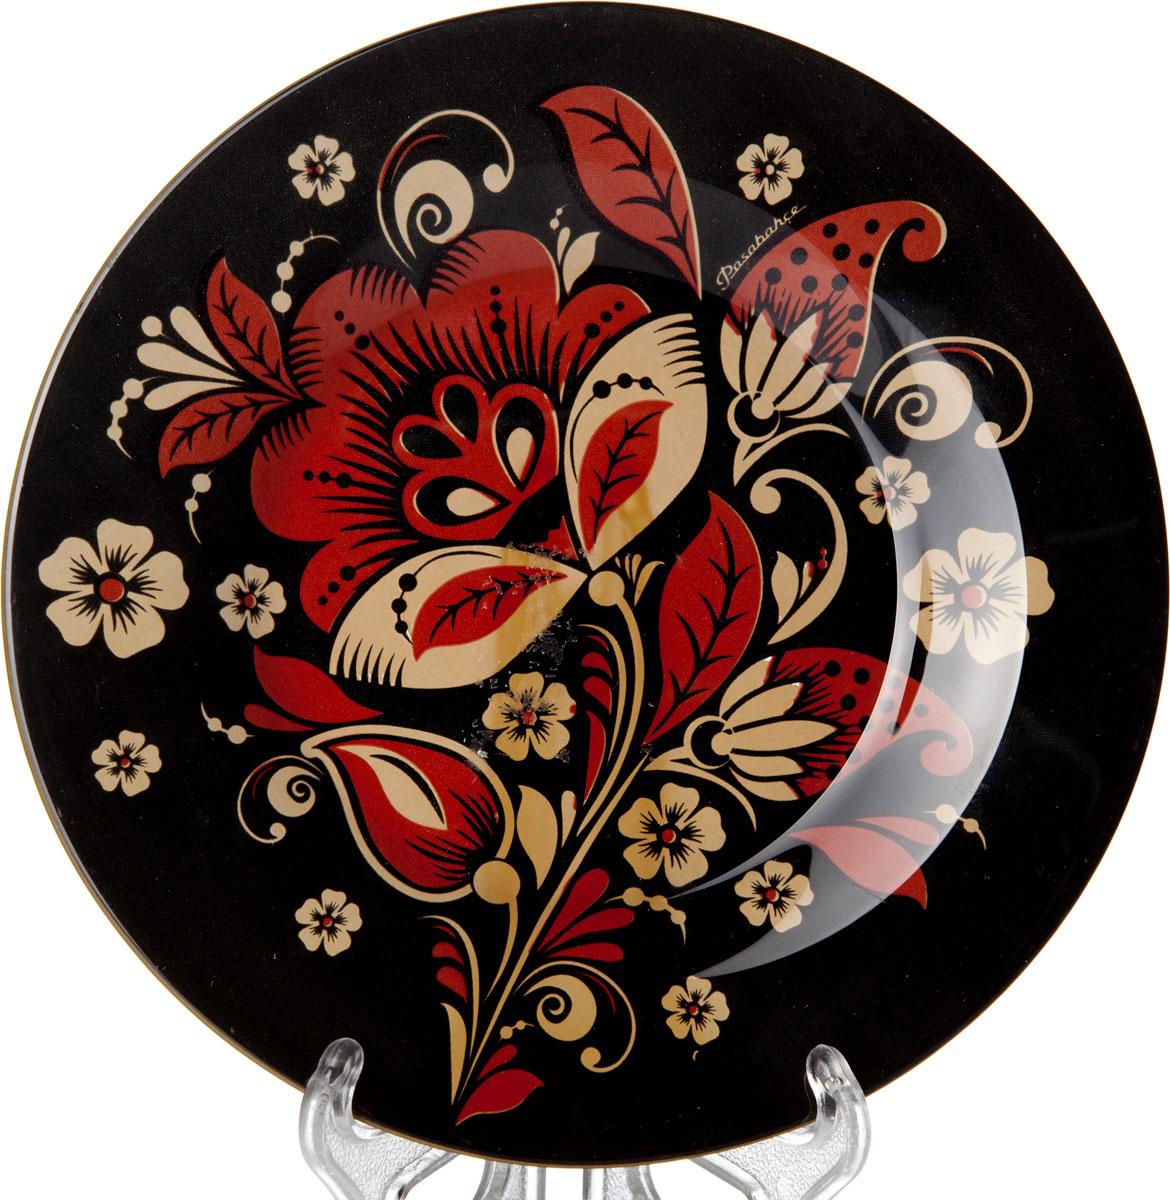 Тарелка Pasabahce Хохлома, диаметр 19,5 см10327SLBD34Тарелка Pasabahce Хохлома выполнена из качественного стекла и украшена рисунком хохлома. Тарелка прекрасно подойдет в качестве сервировочного блюда для фруктов, десертов, закусок, торта и другого. Изящная тарелка прекрасно оформит праздничный стол и порадует вас и ваших гостей изысканным дизайном и формой.Диаметр тарелки: 19,5 см.